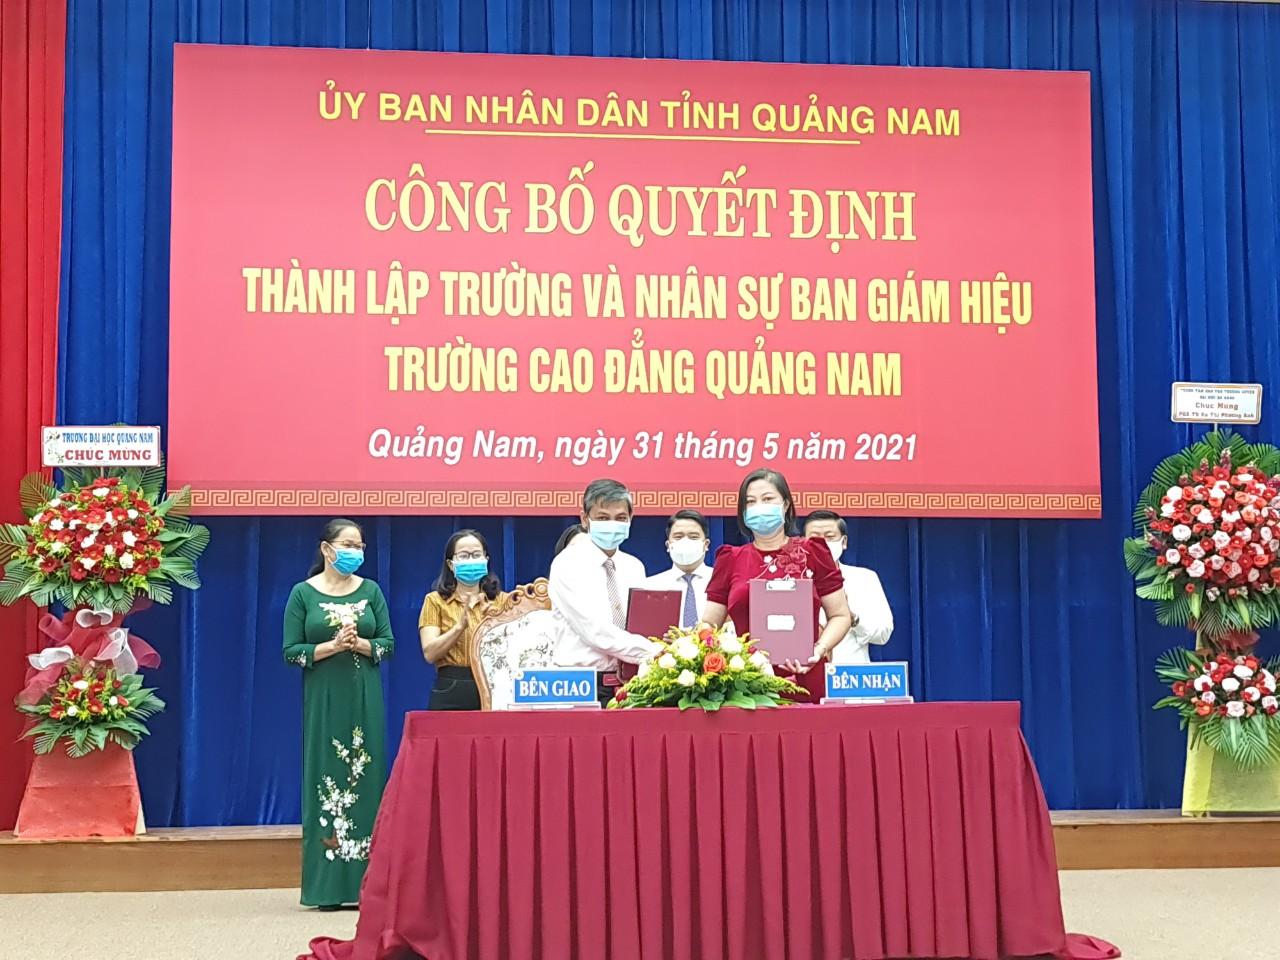 Chính thức thành lập Trường Cao đẳng Quảng Nam - Ảnh 6.